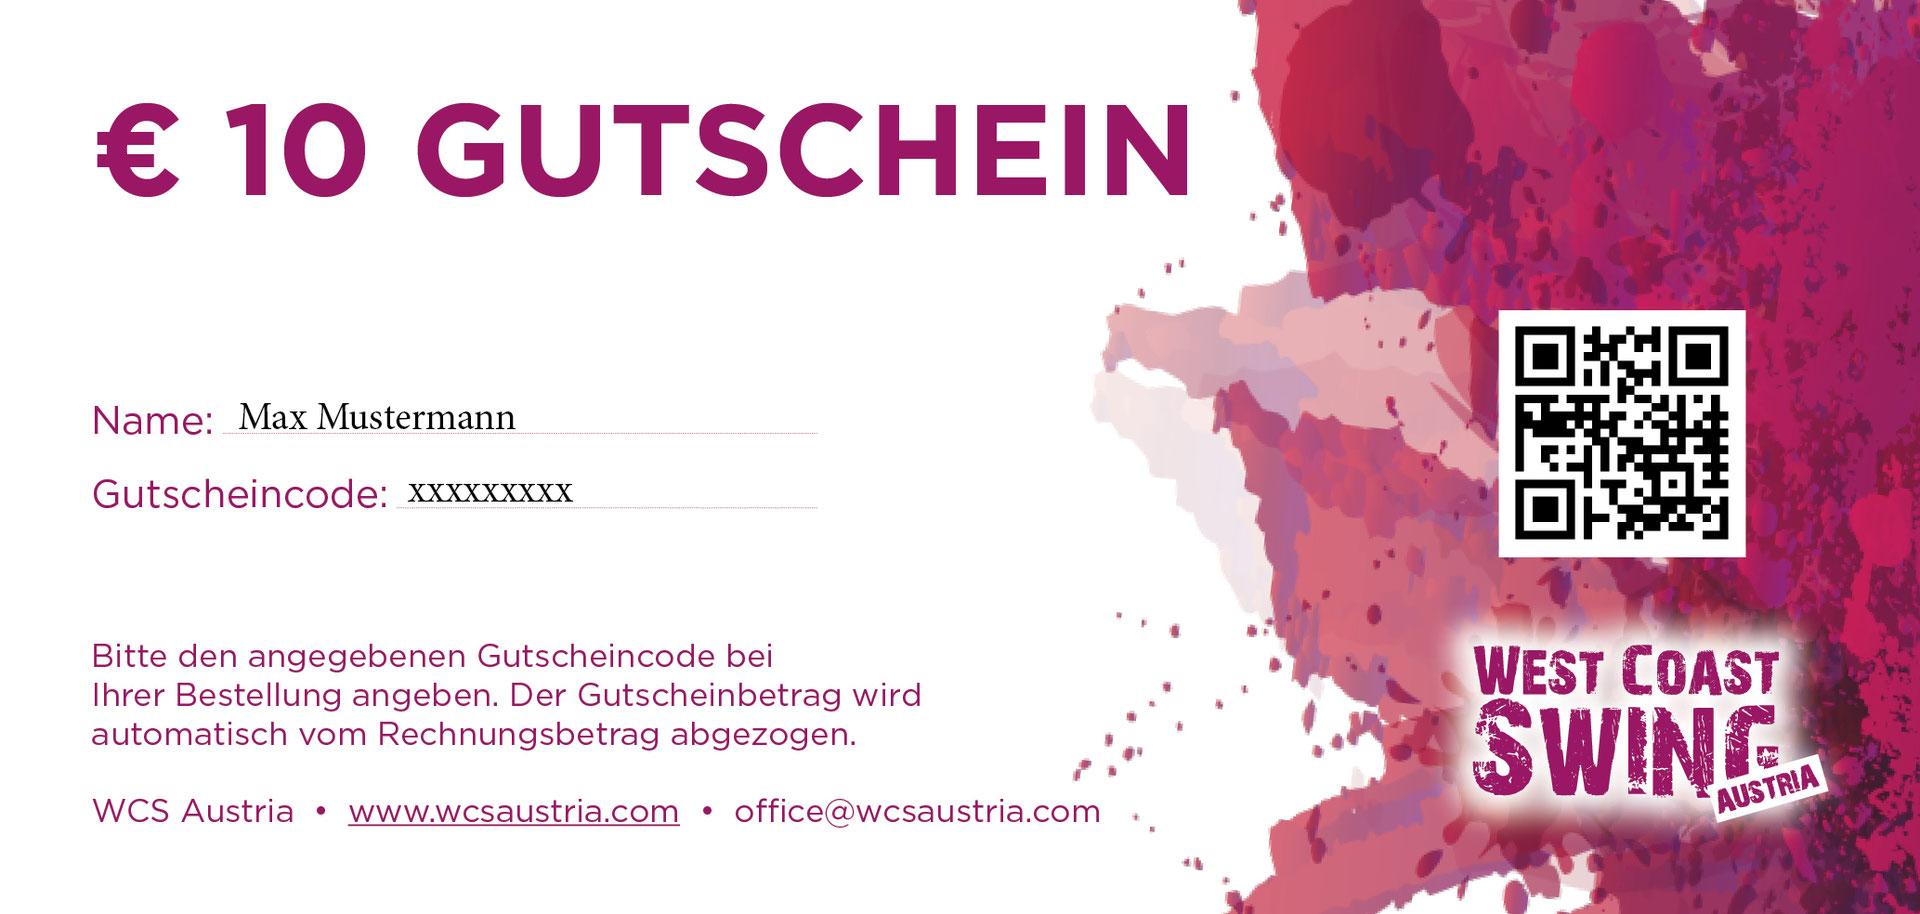 Gutscheine - wcsaustrias Webseite!